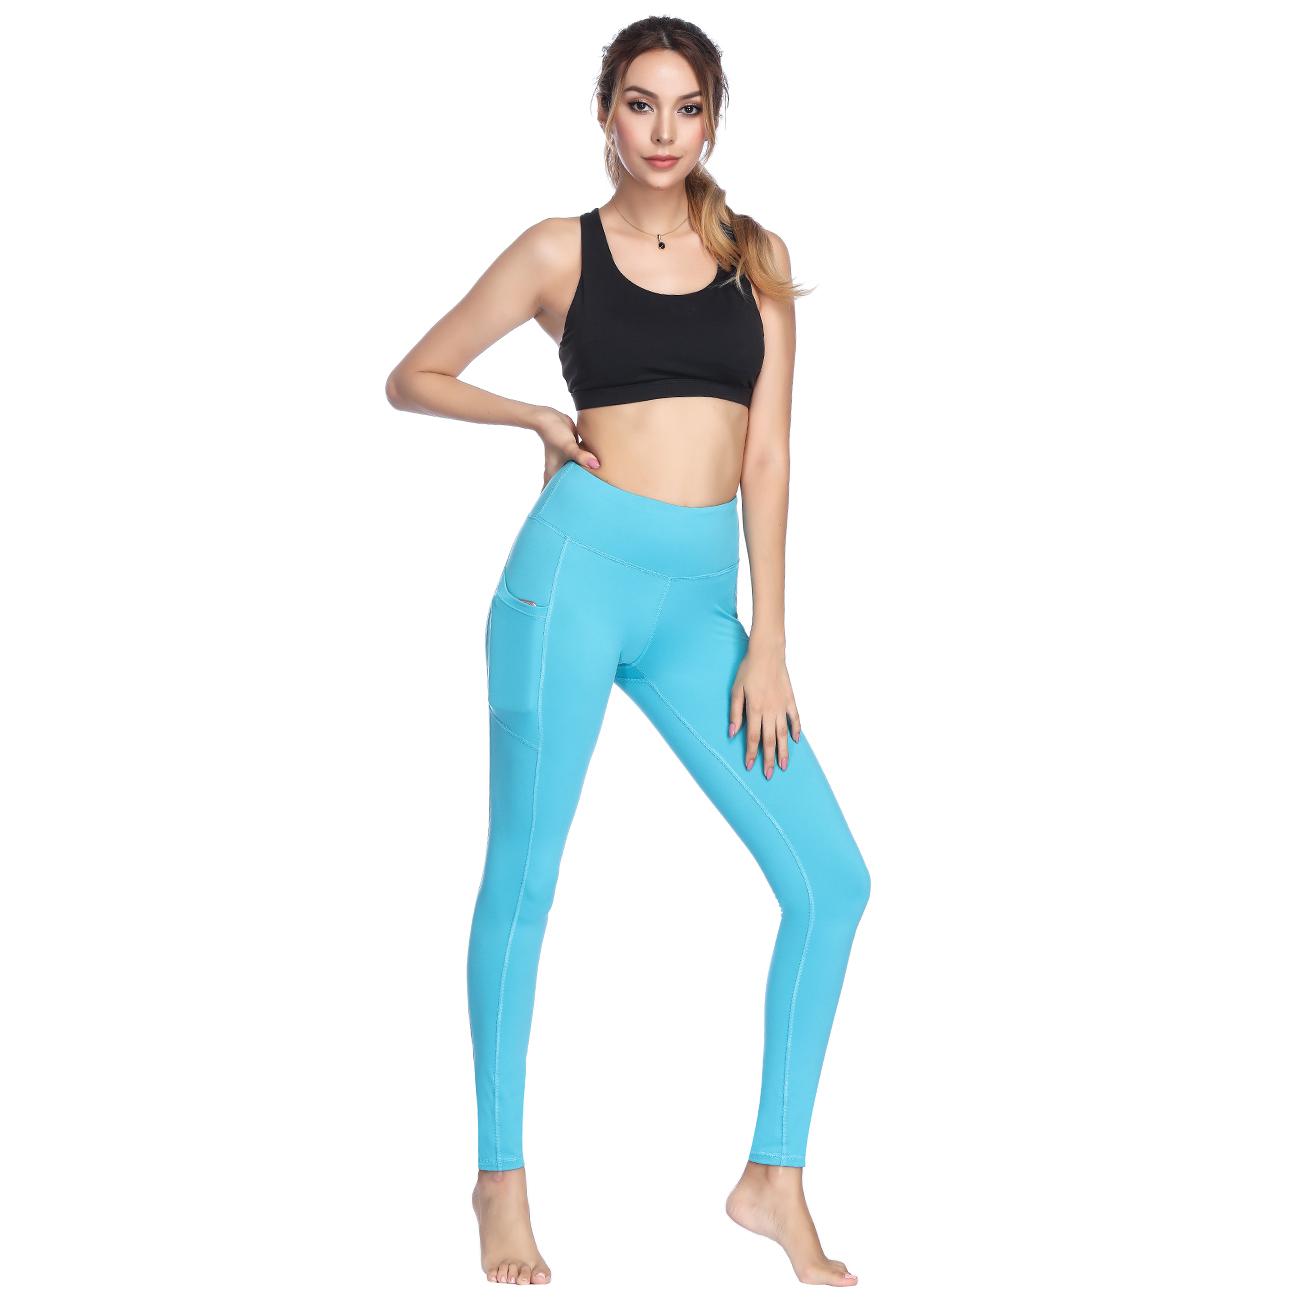 b65b68eda9805 9841 Blue Yoga Pants